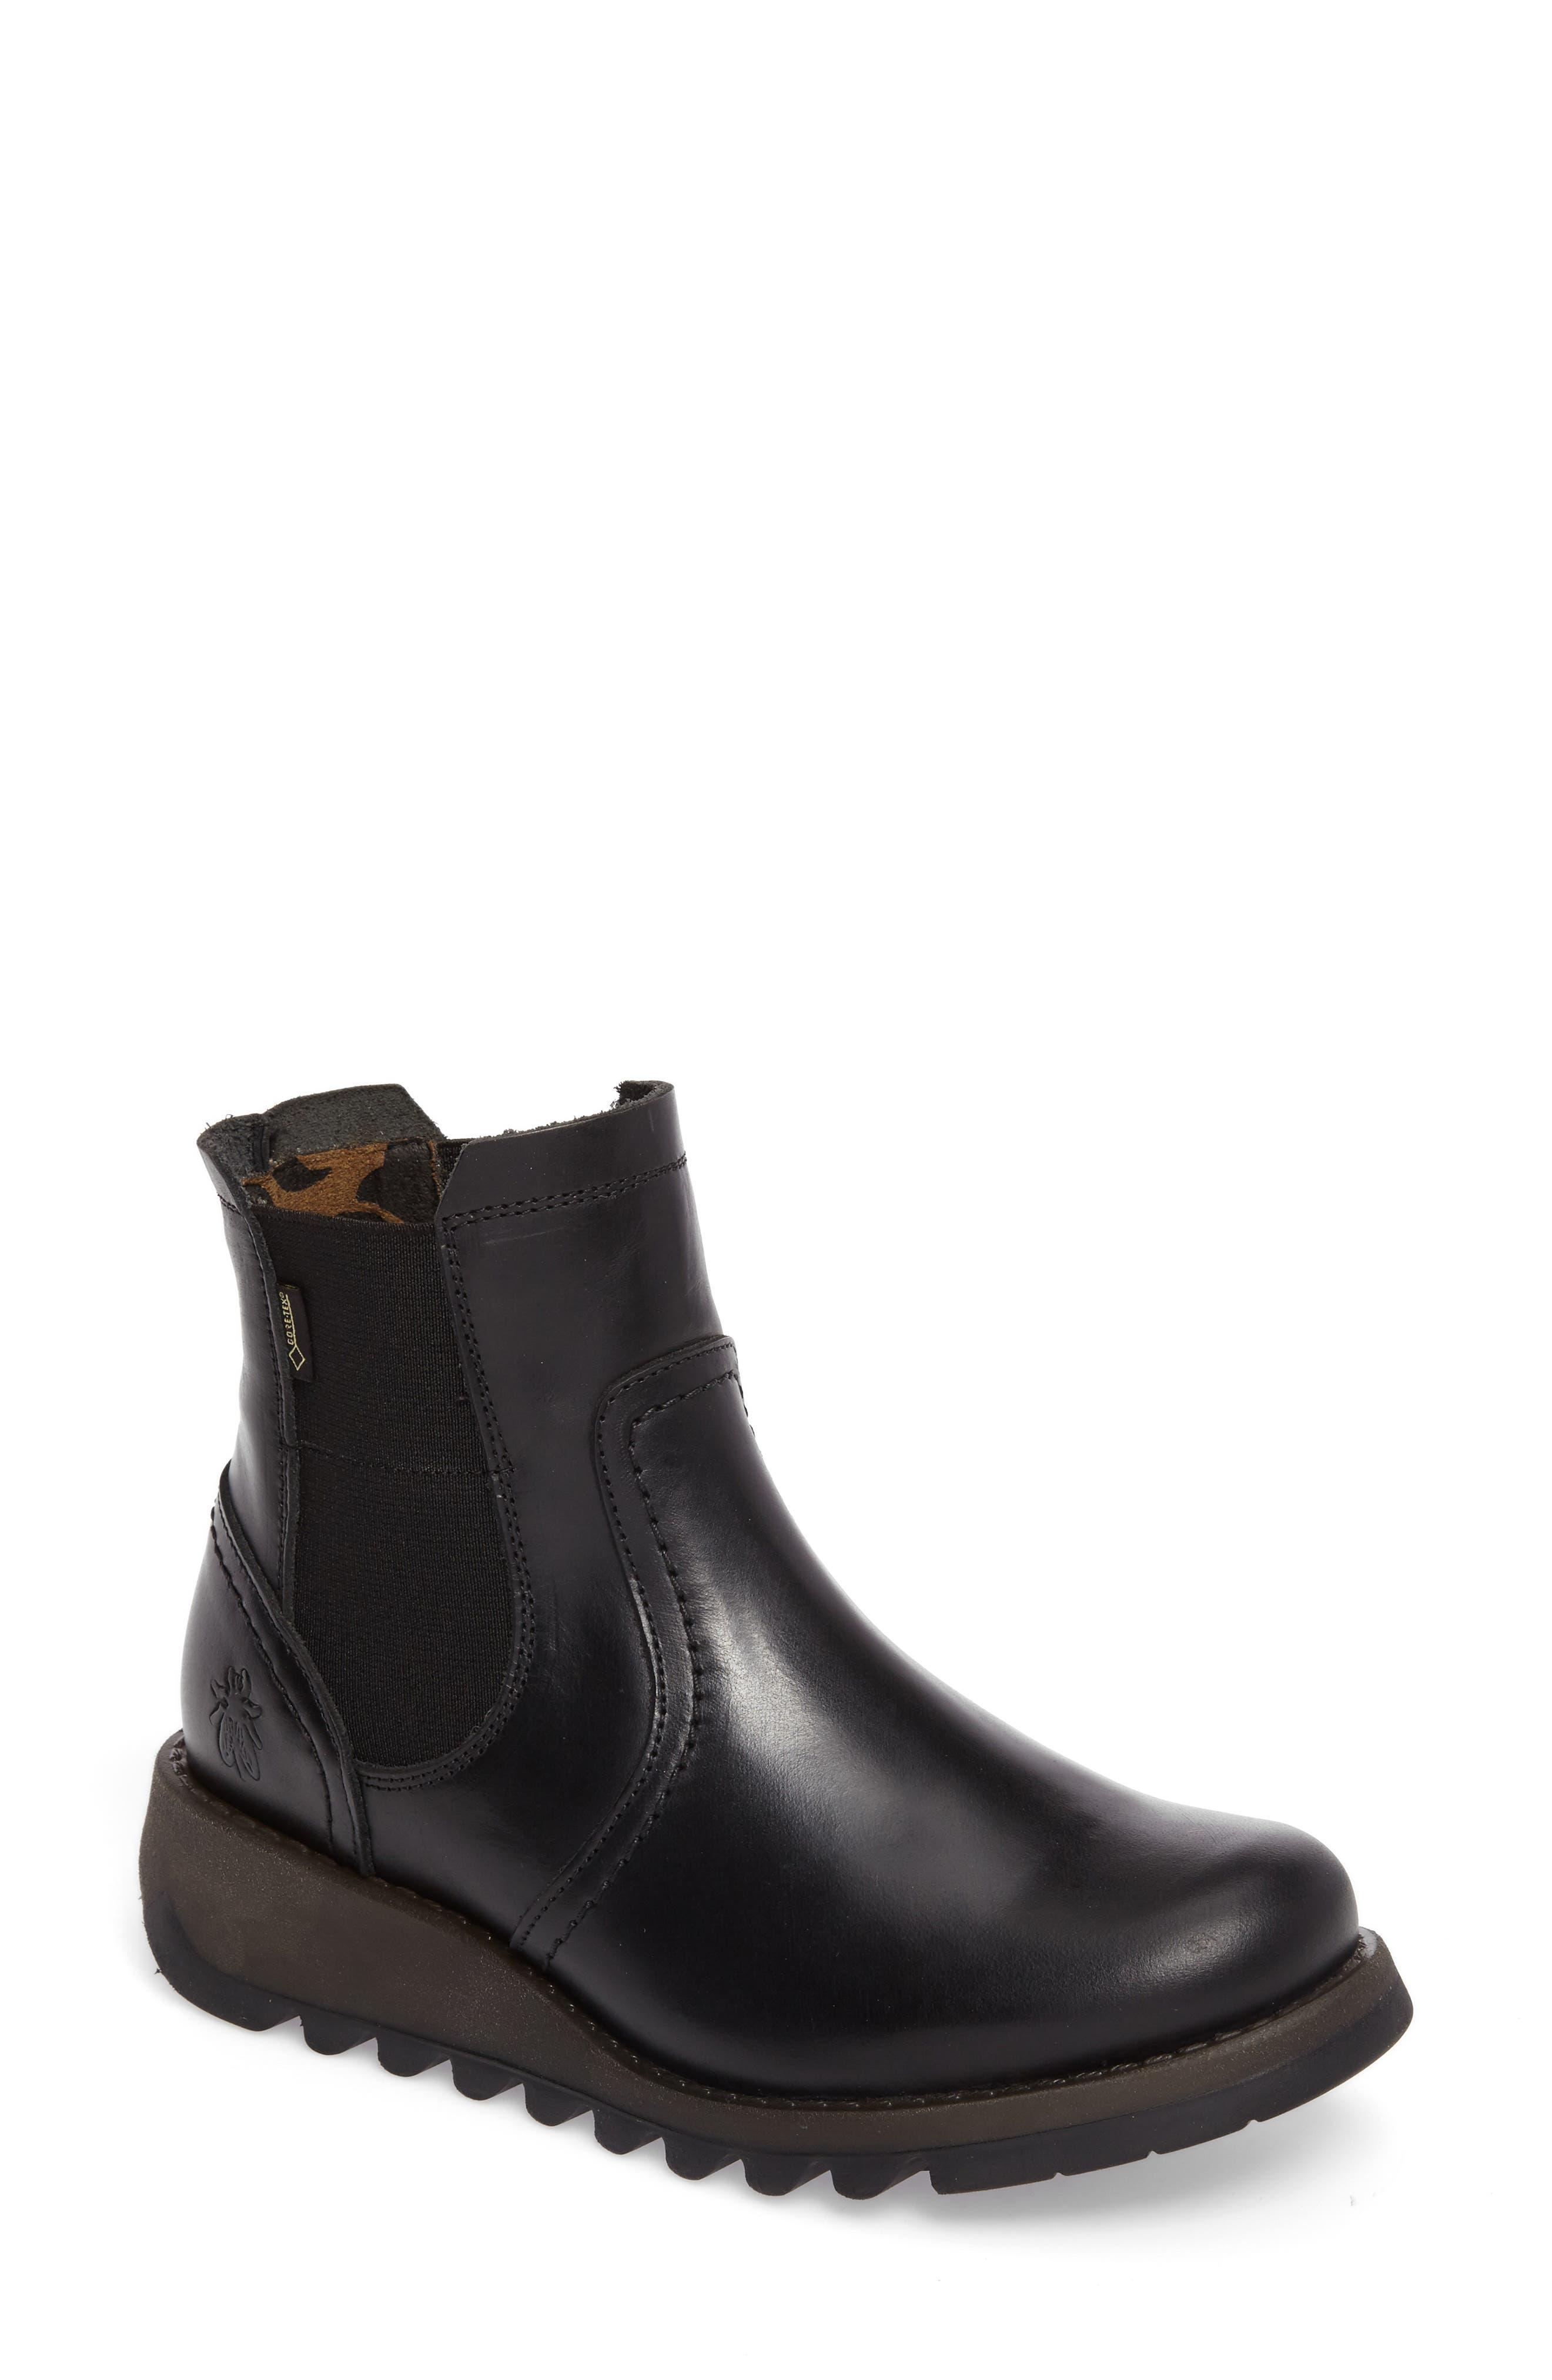 Fly London Scon Waterproof Gore-Tex® Chelsea Boot (Women)